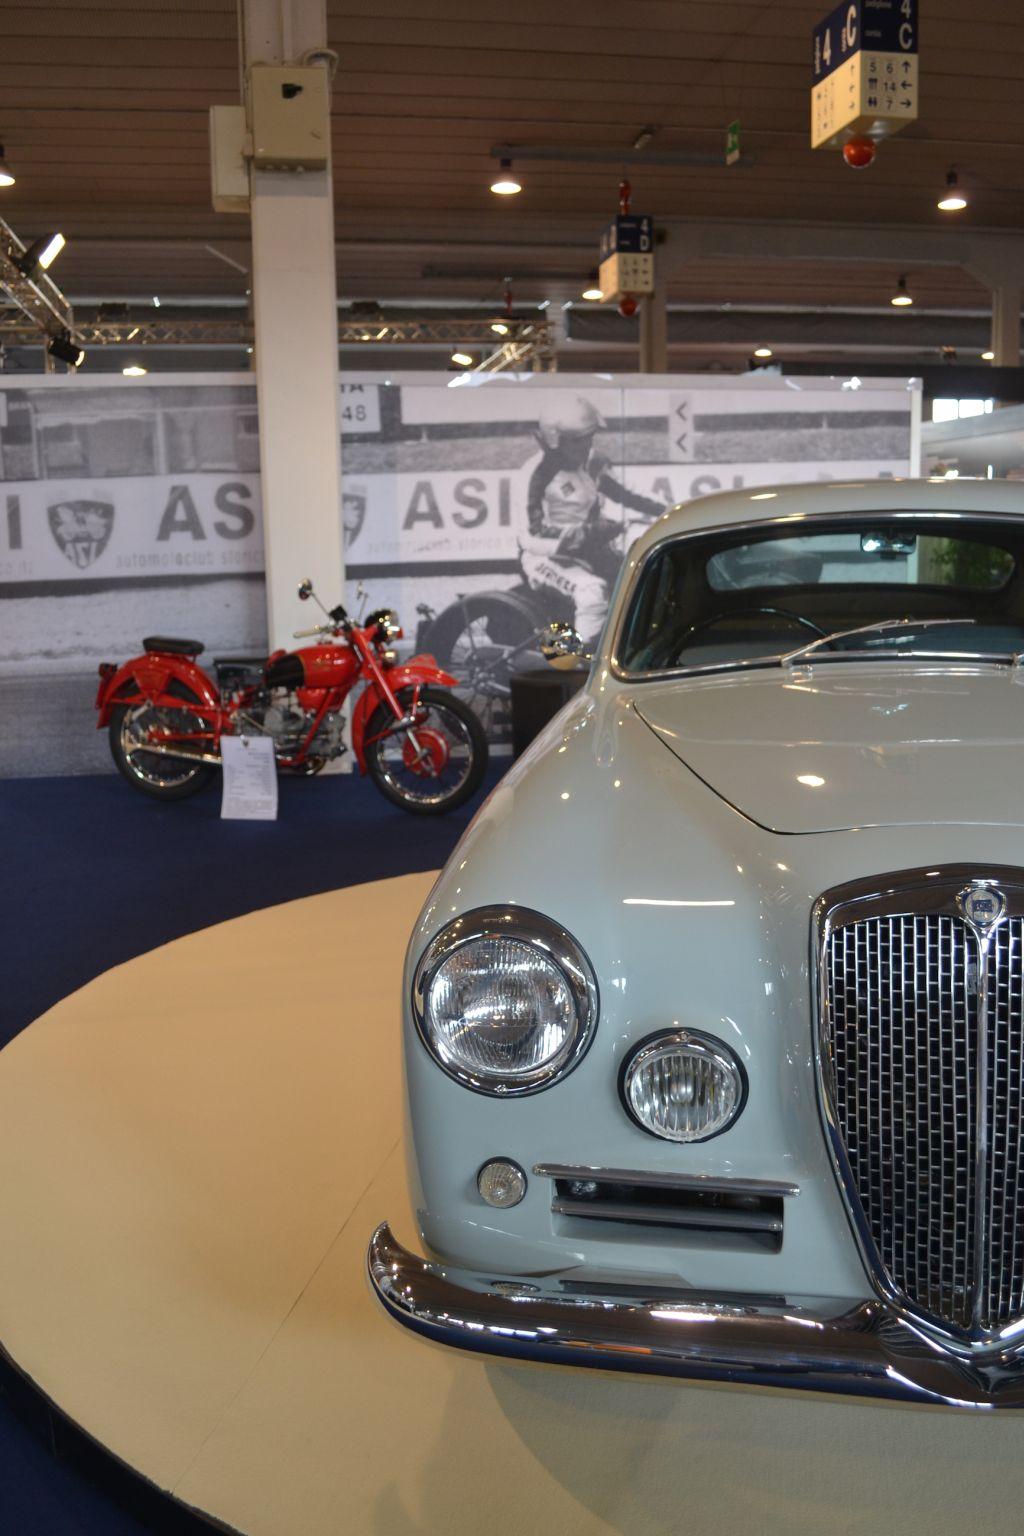 Auto e moto d'epoca: ASI partecipa alla 30° edizione del salone italiano dedicato al motorismo storico